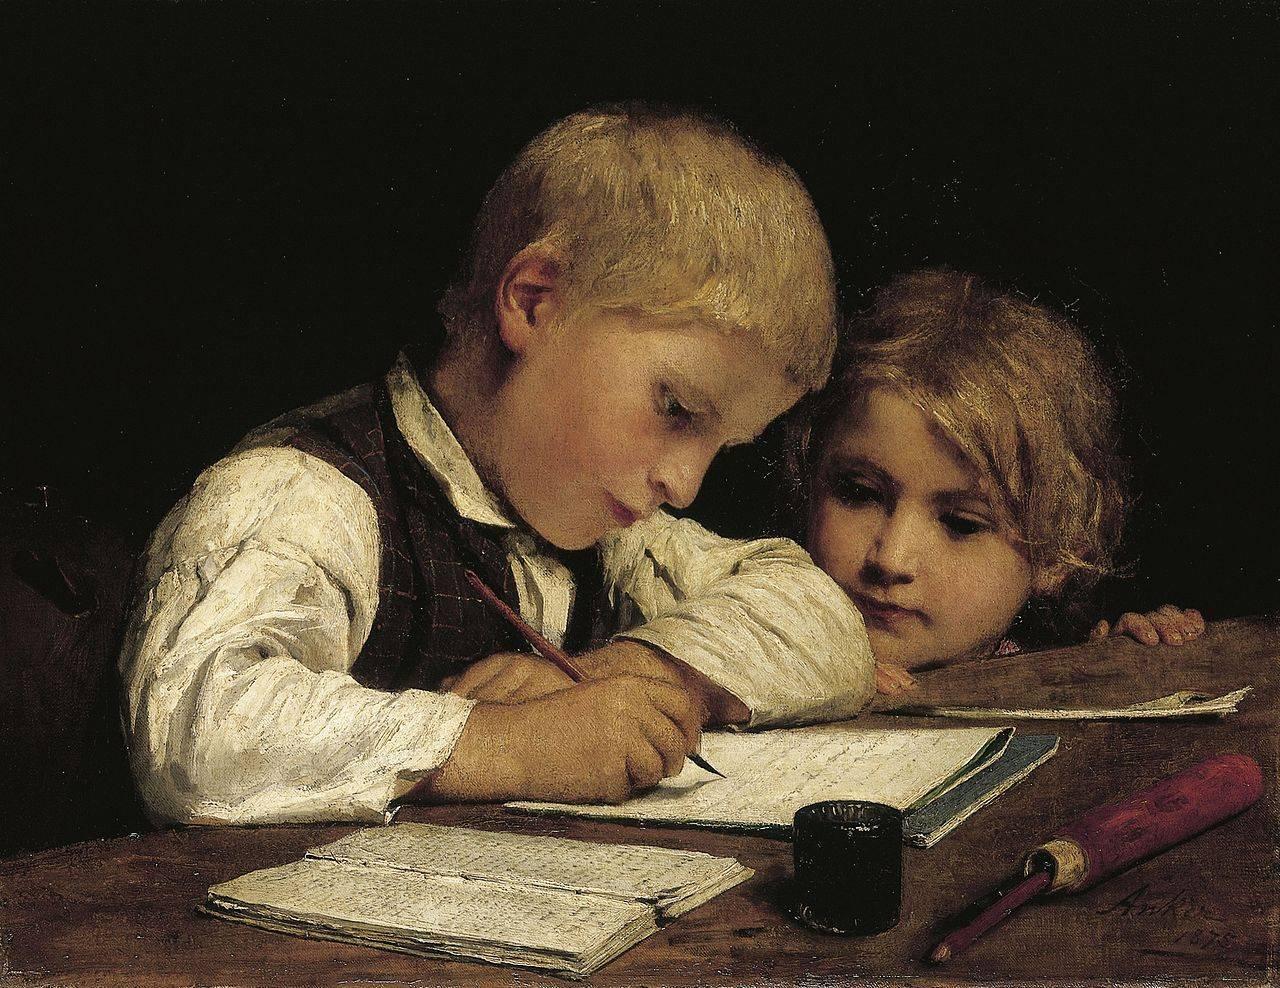 Альберт Анкер. Пишущий мальчик с сестрой. 1875